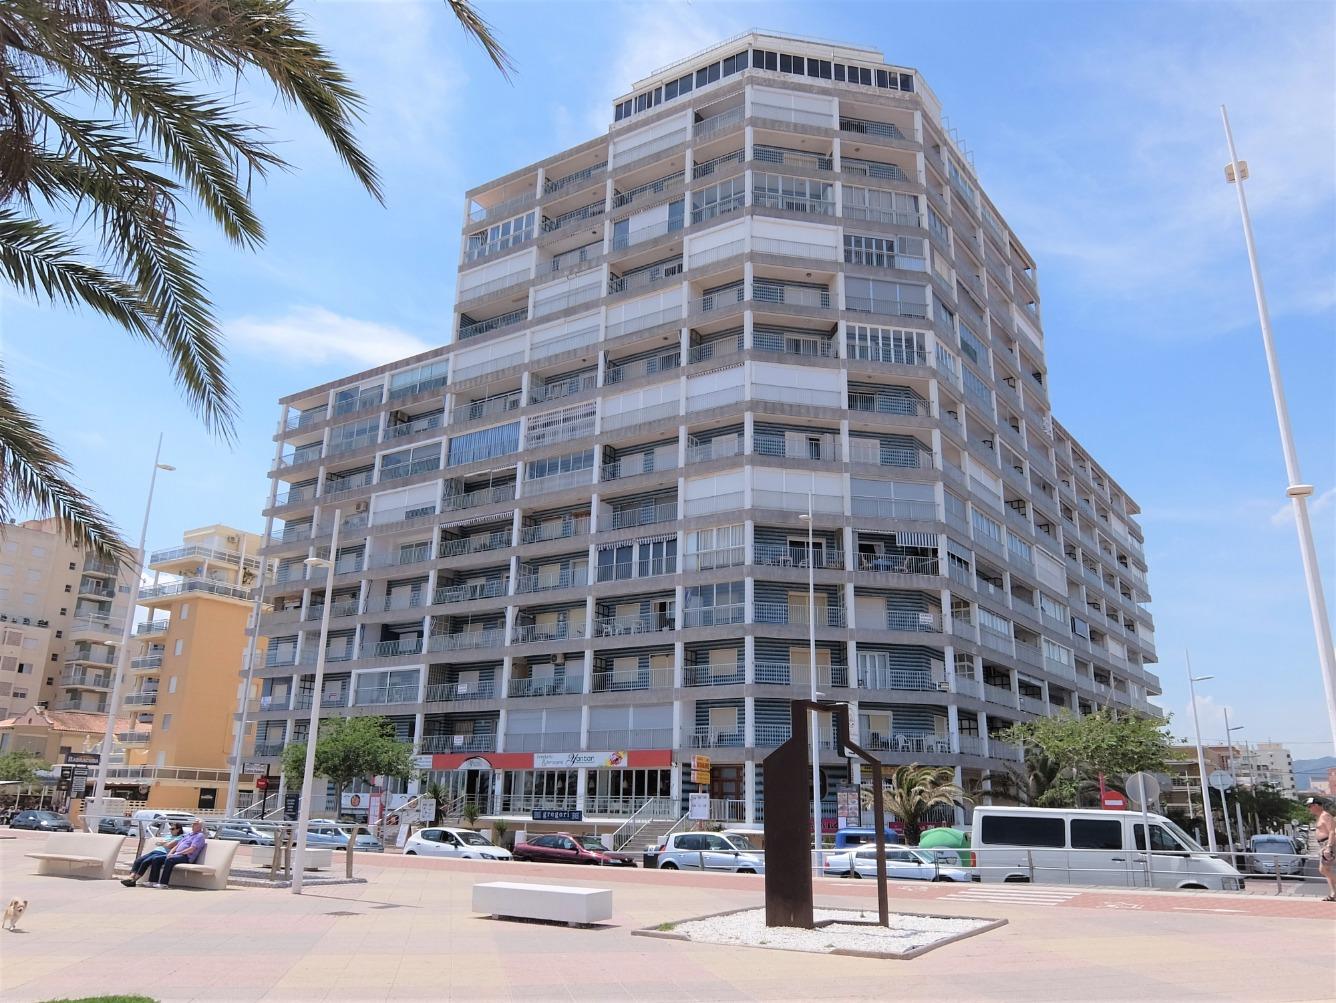 Alquiler de Temporada Piso  Paseo passeig marítim neptu, 27. Apartamento en primera línea con vistas laterales. situado   al